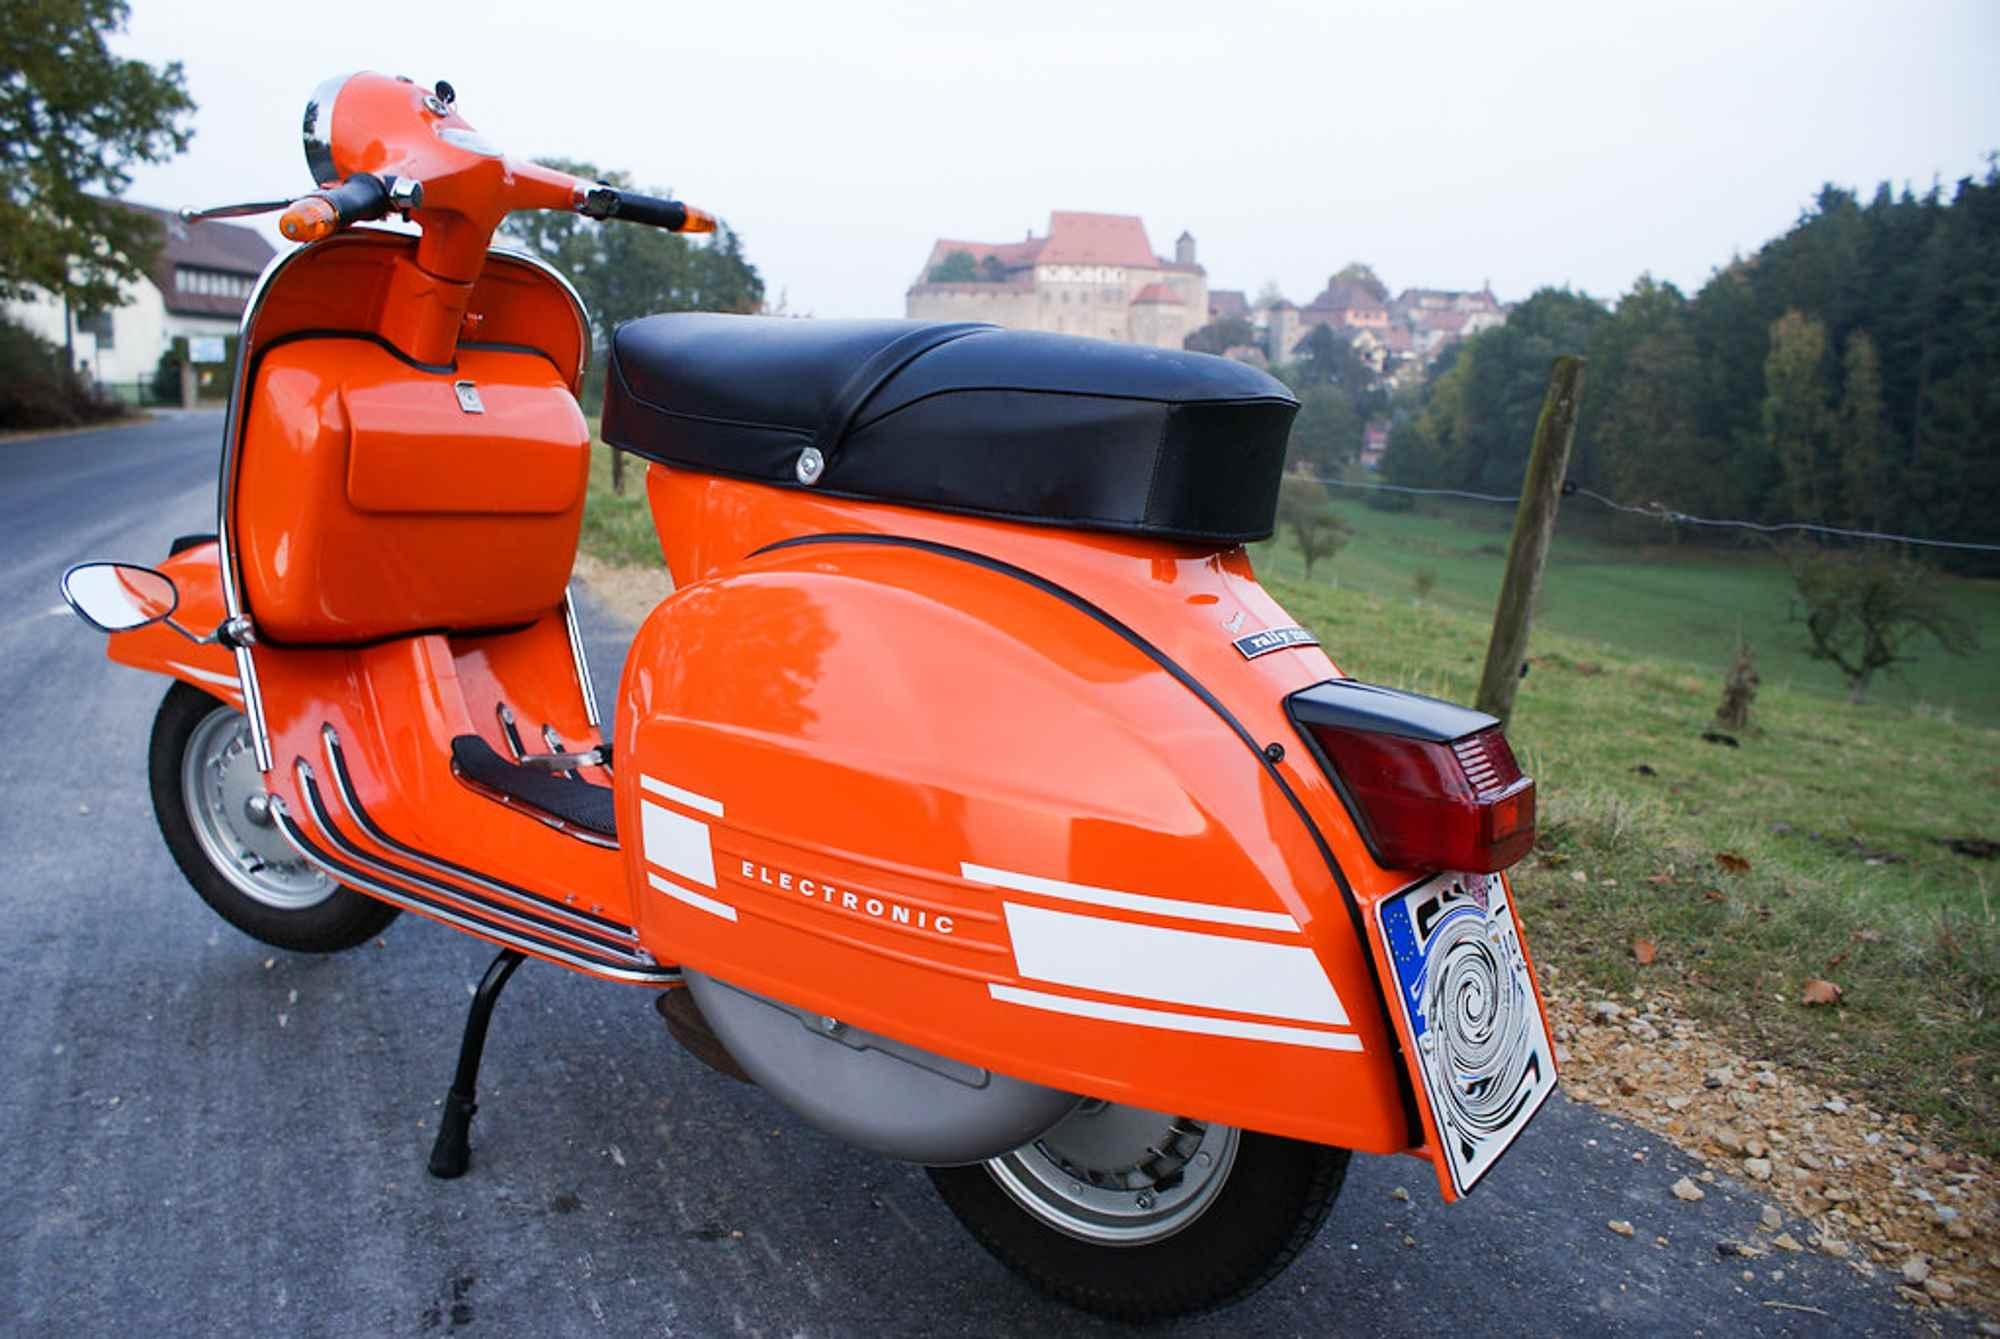 Vespa Rally 200 in Orange